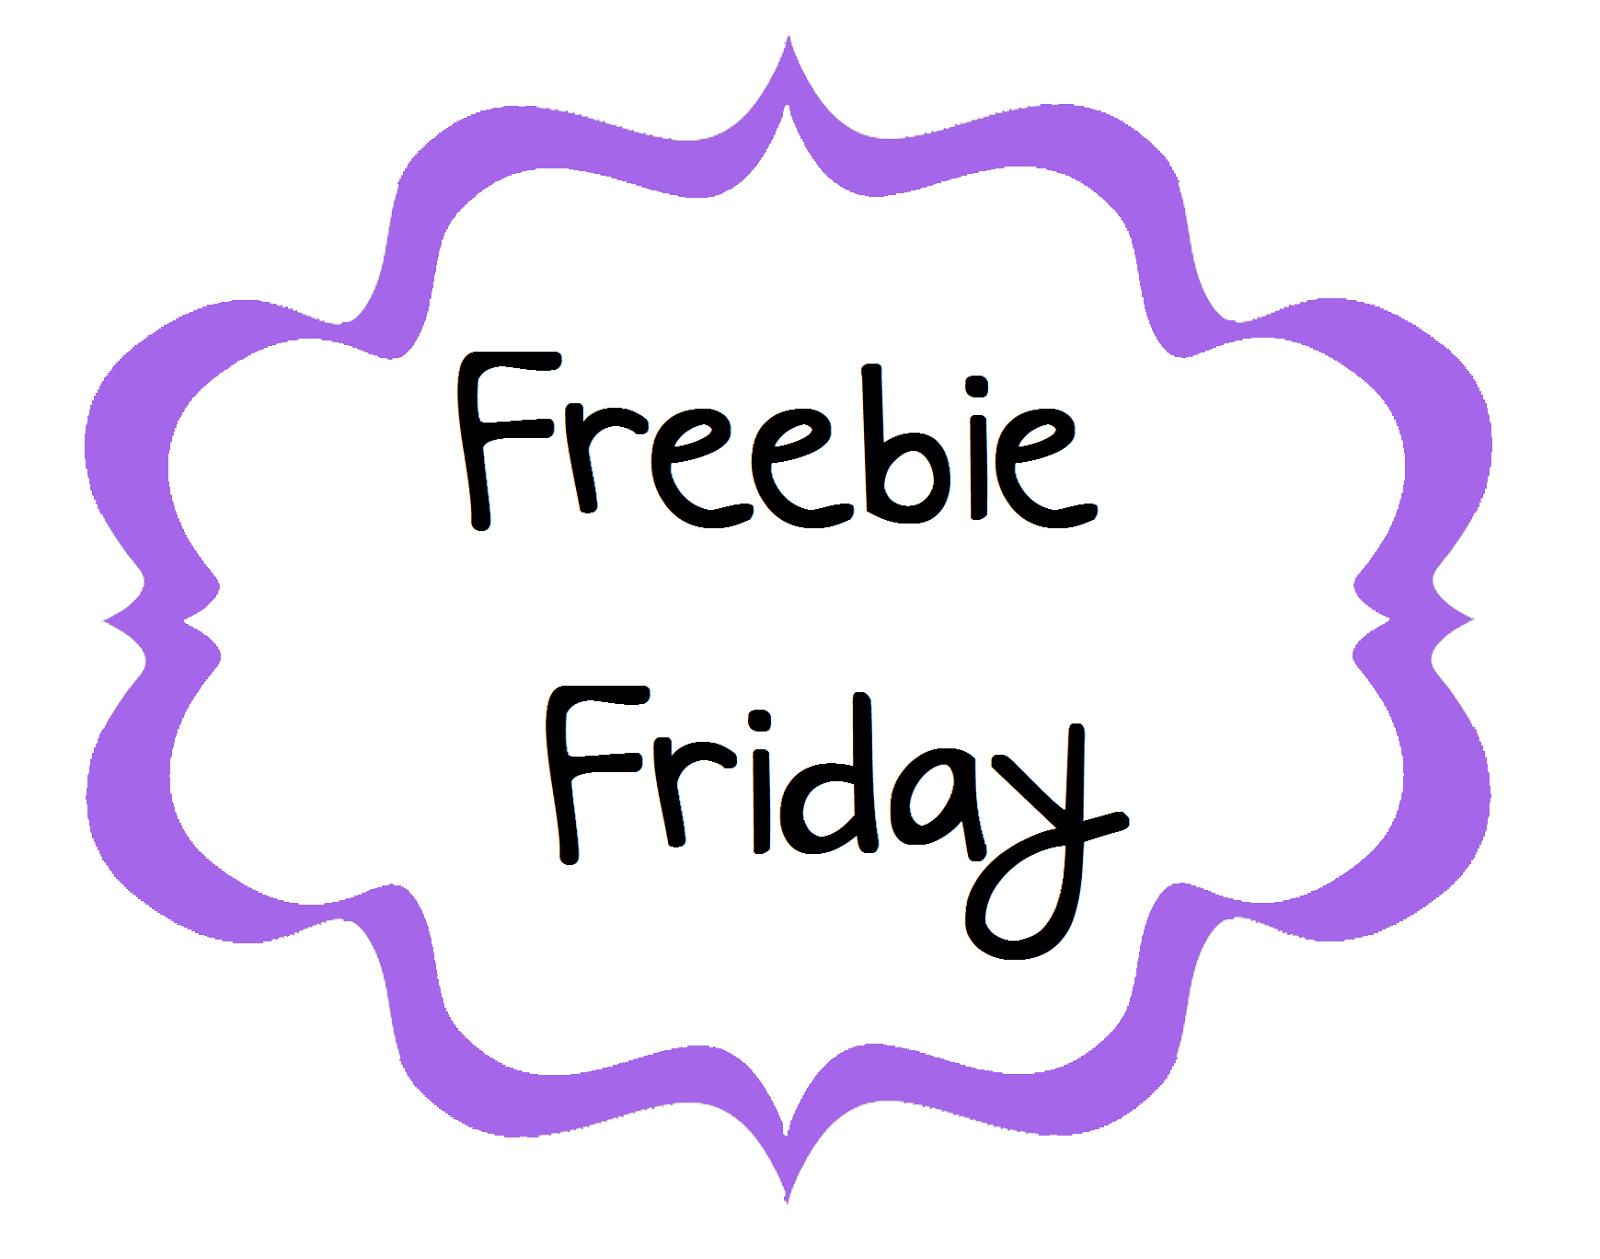 Freebies or freebies